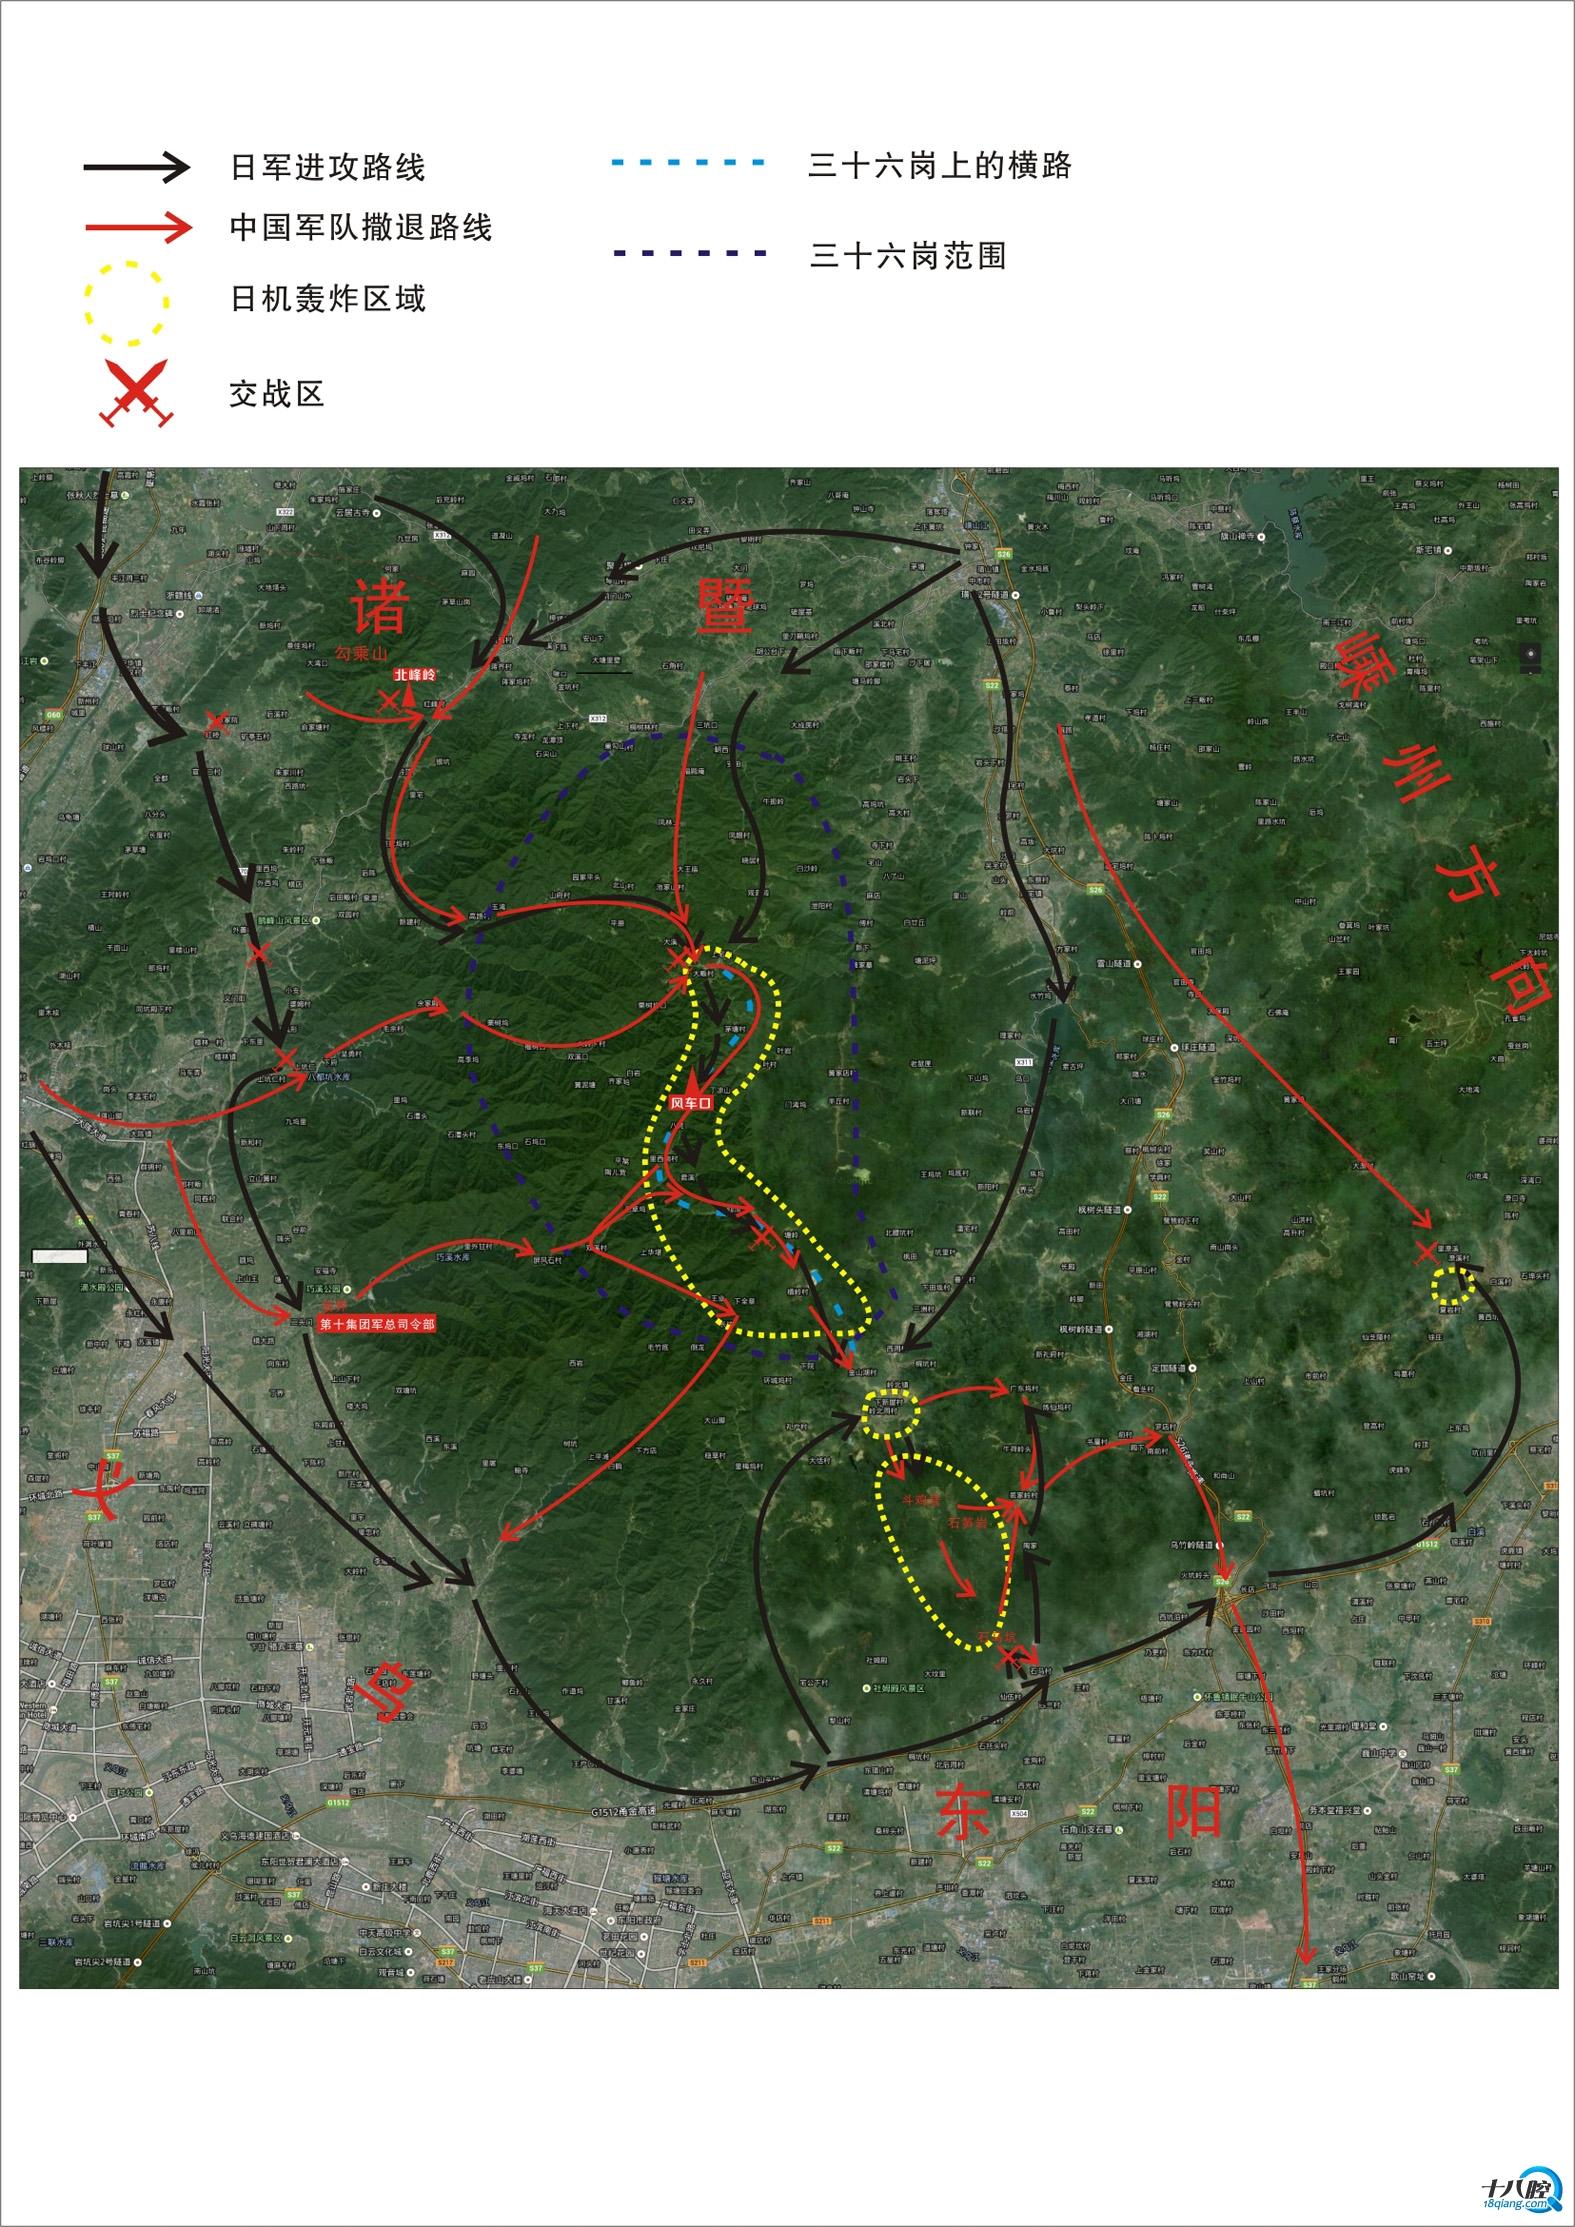 在义乌境内有著名的北峰岭(勾乘山余脉,又名白峰岭)战斗.